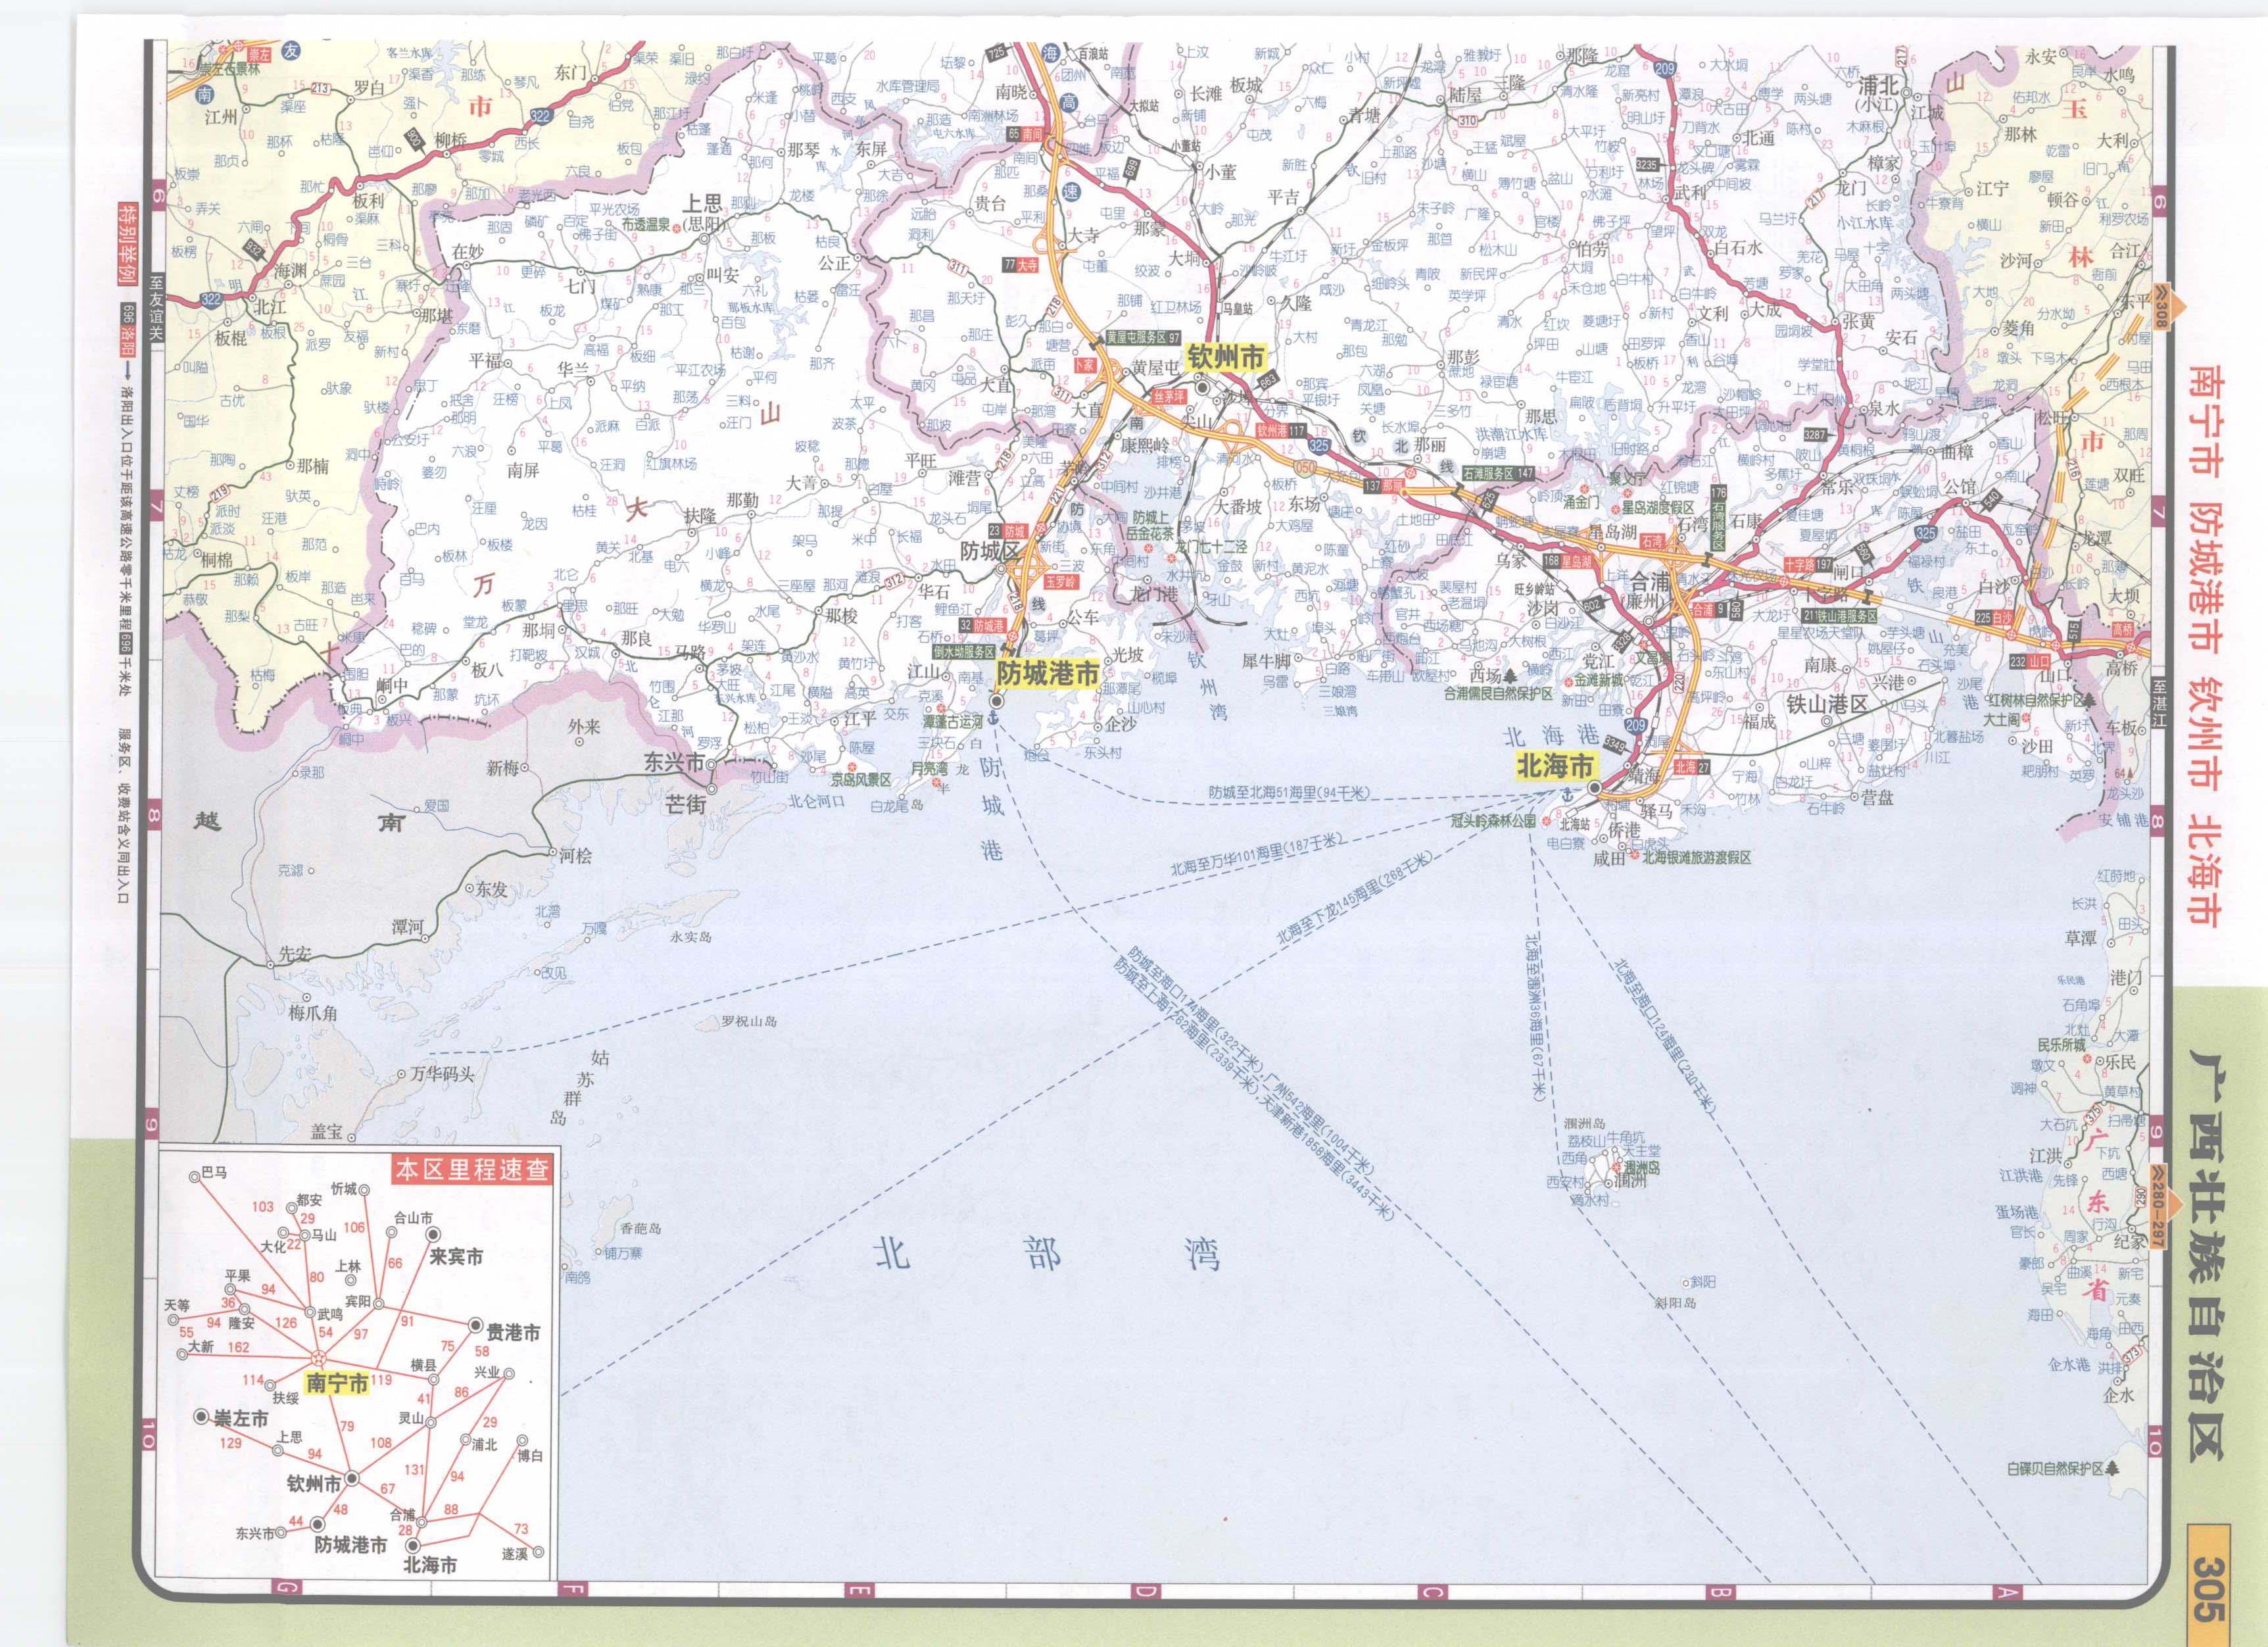 广西防城港地图图片大全下载;图片